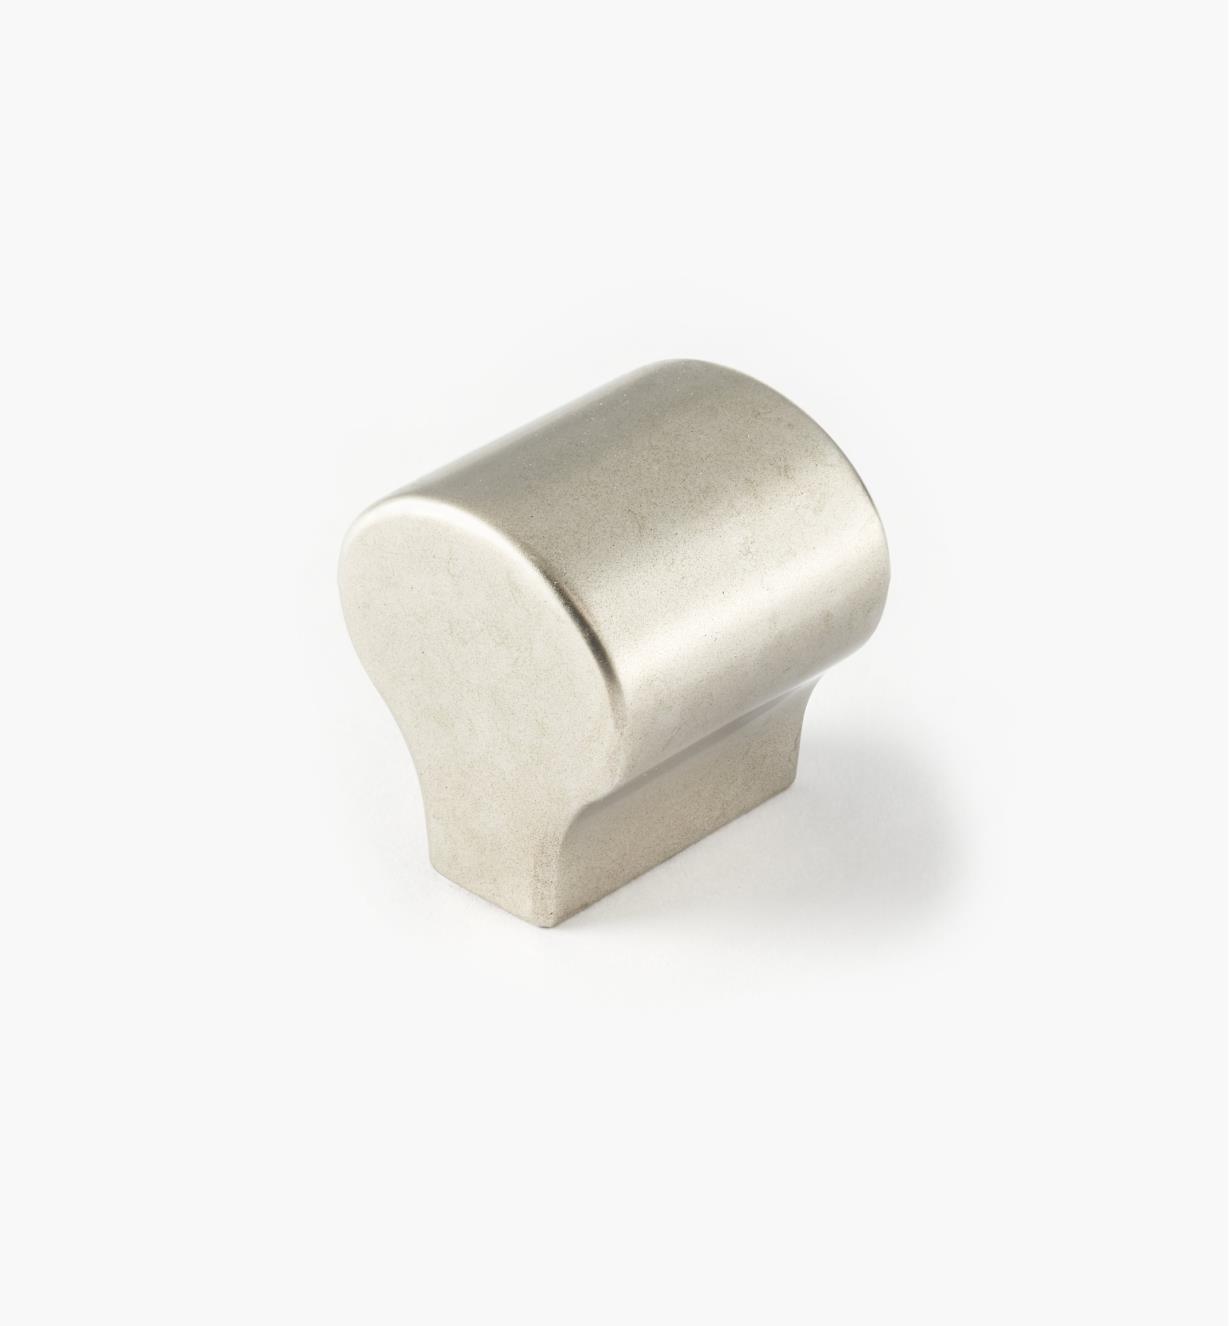 00A7873 - Matte Nickel Colibri Knob